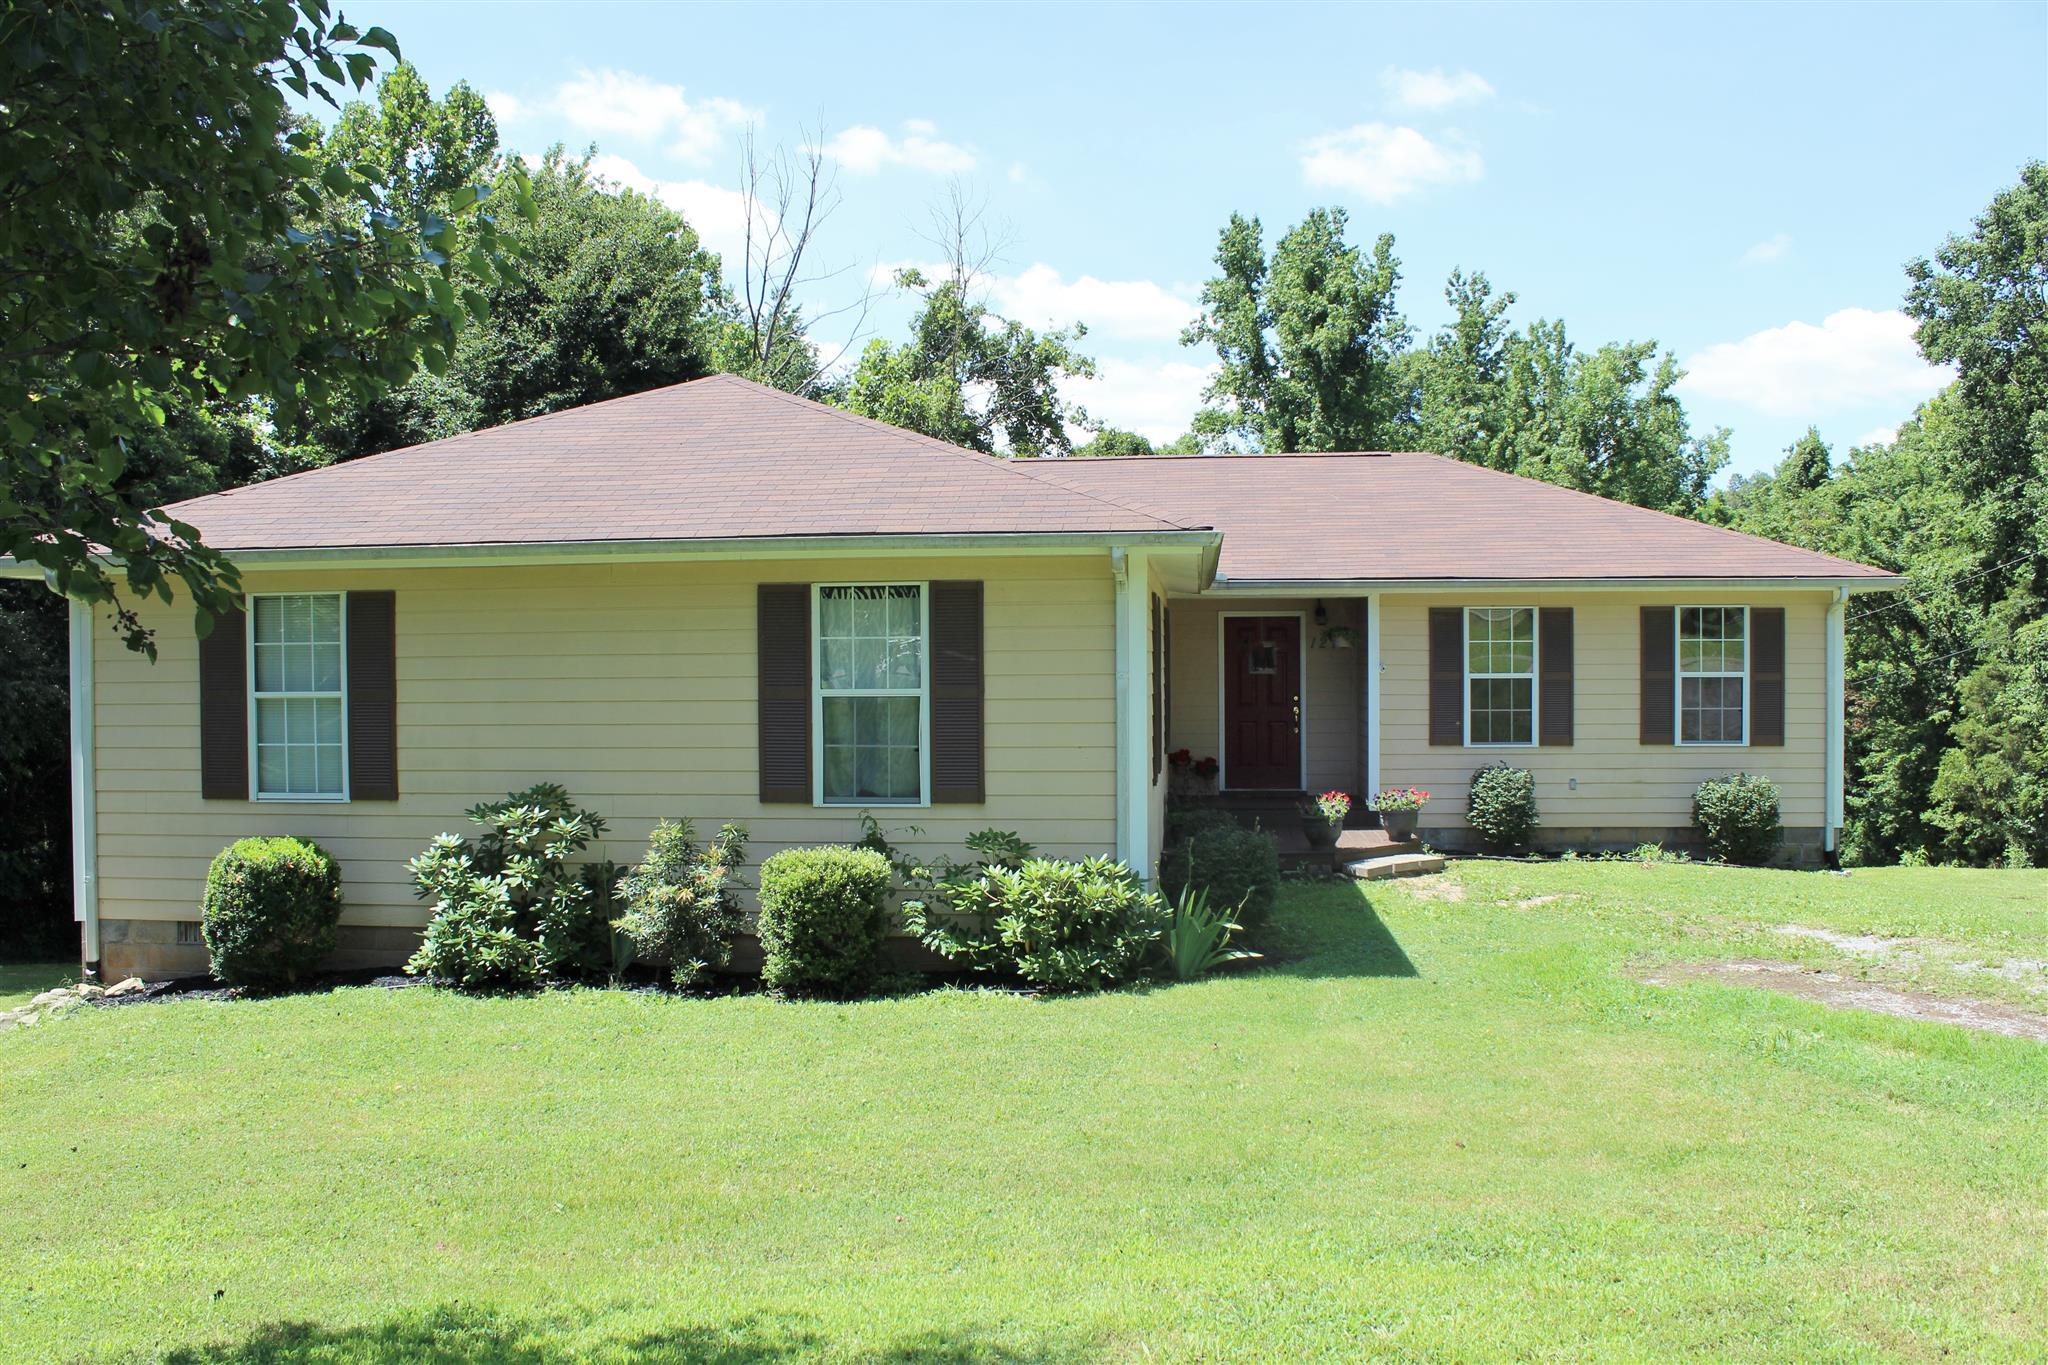 1270 West Rd, Clarksville, TN 37040